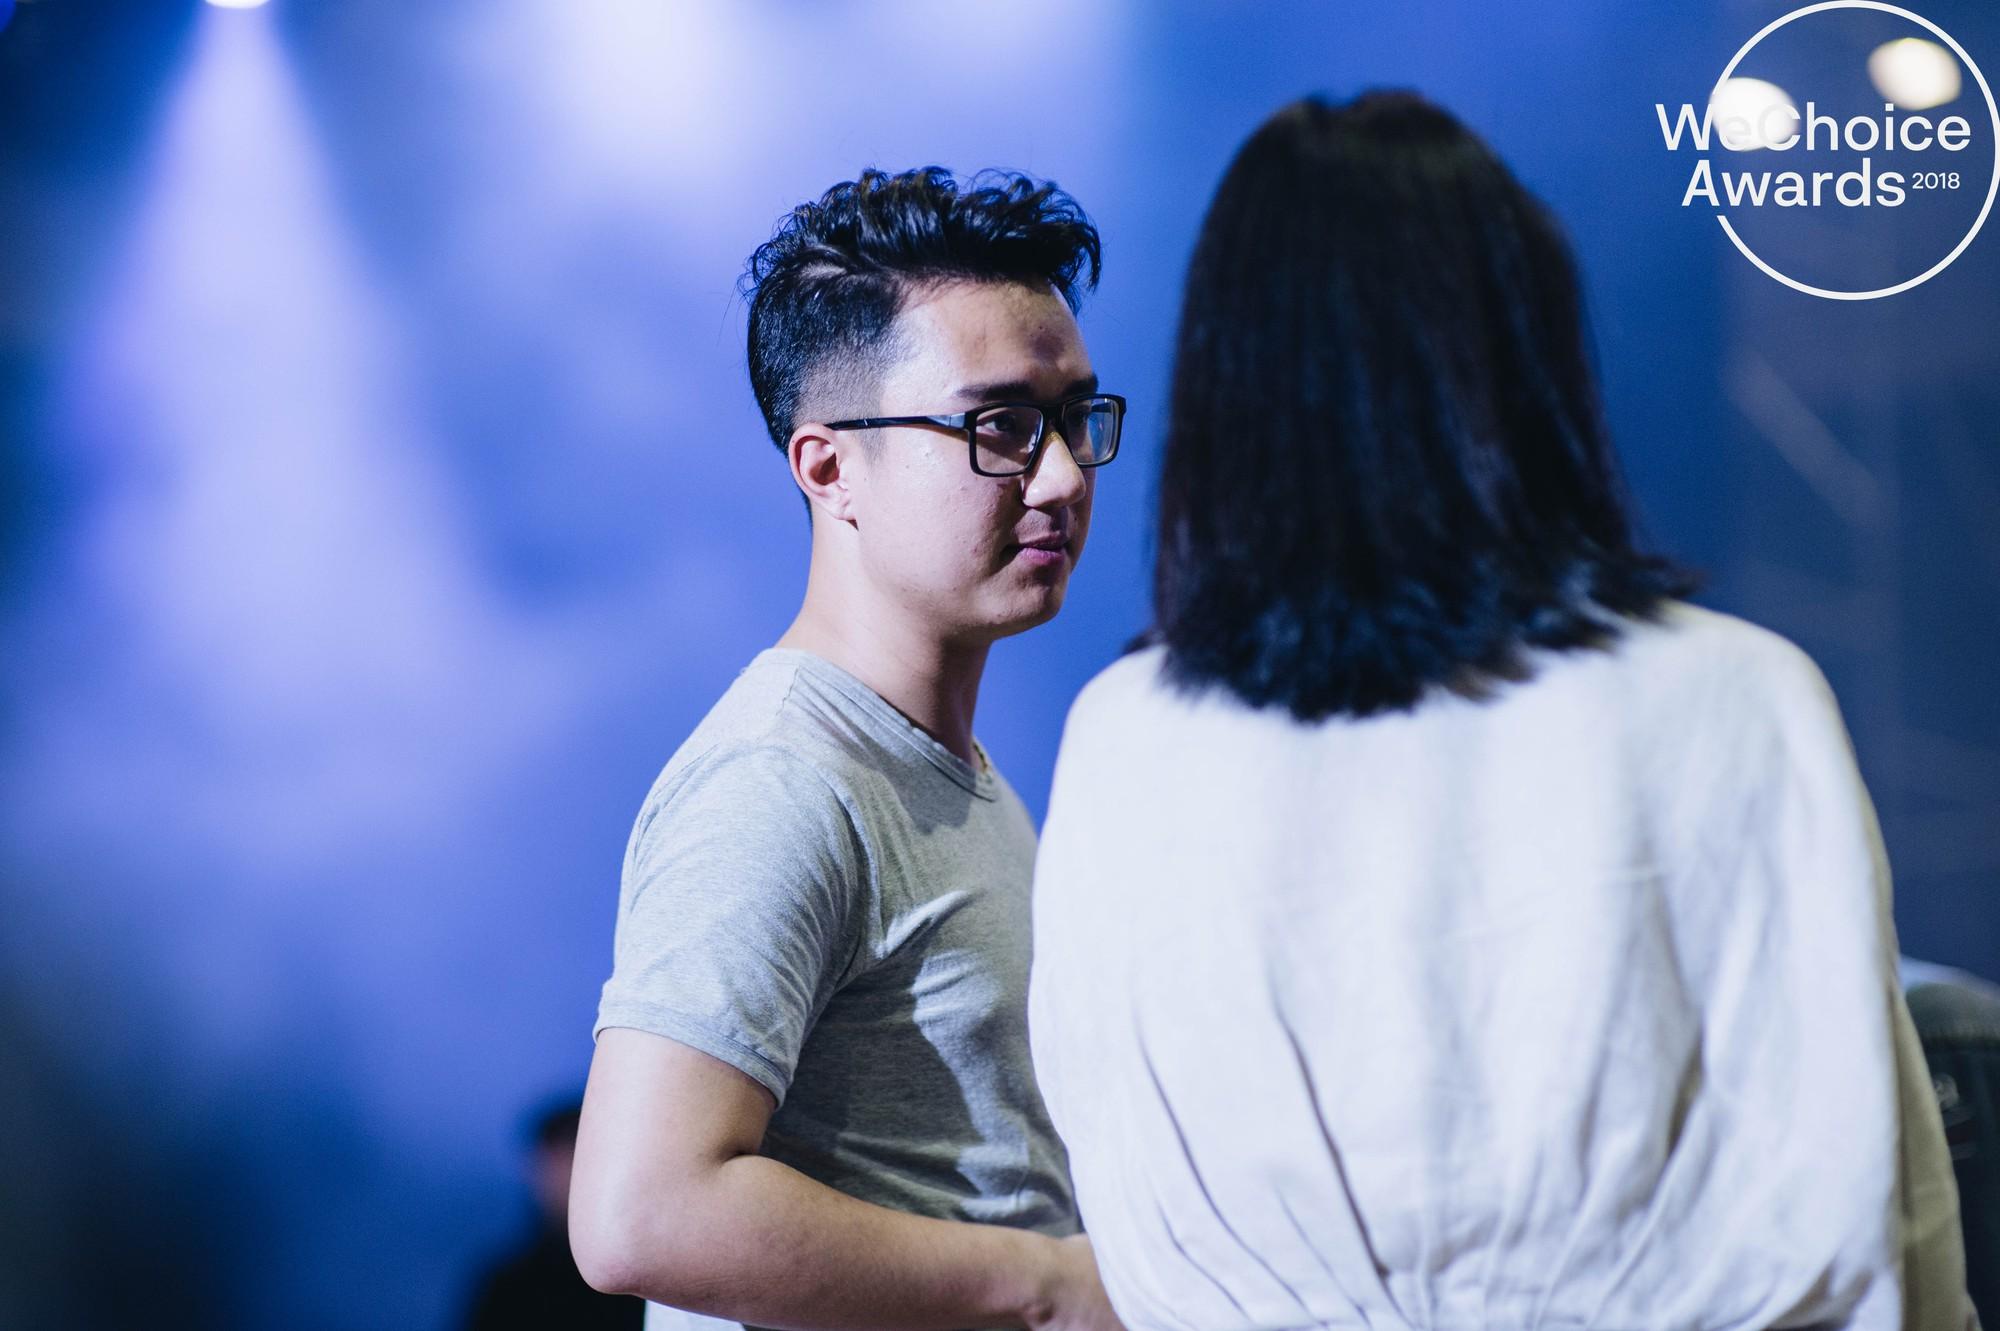 Trước giờ G, ngắm loạt khoảnh khắc đầy cảm xúc của dàn nghệ sĩ tại buổi tổng duyệt Gala Wechoice Awards 2018 - Ảnh 17.